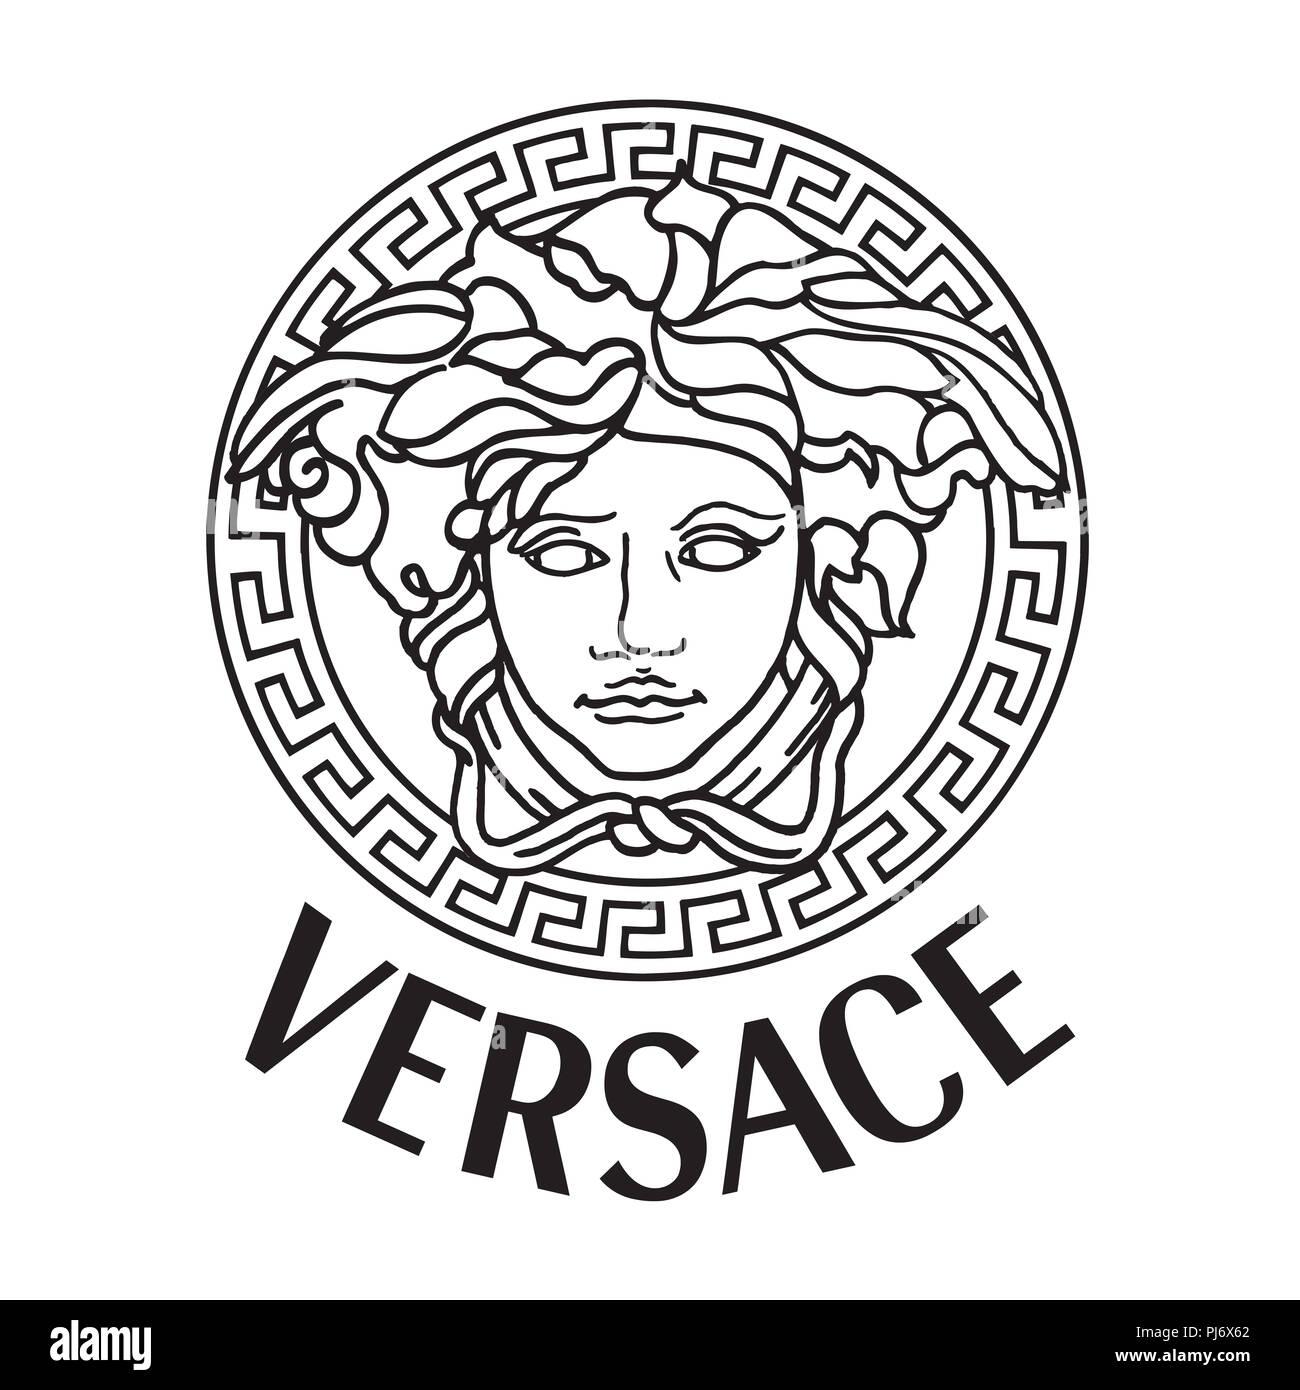 6b58c5cc5d Versace Medusa logo marca de lujo de moda ropa ilustración Foto ...